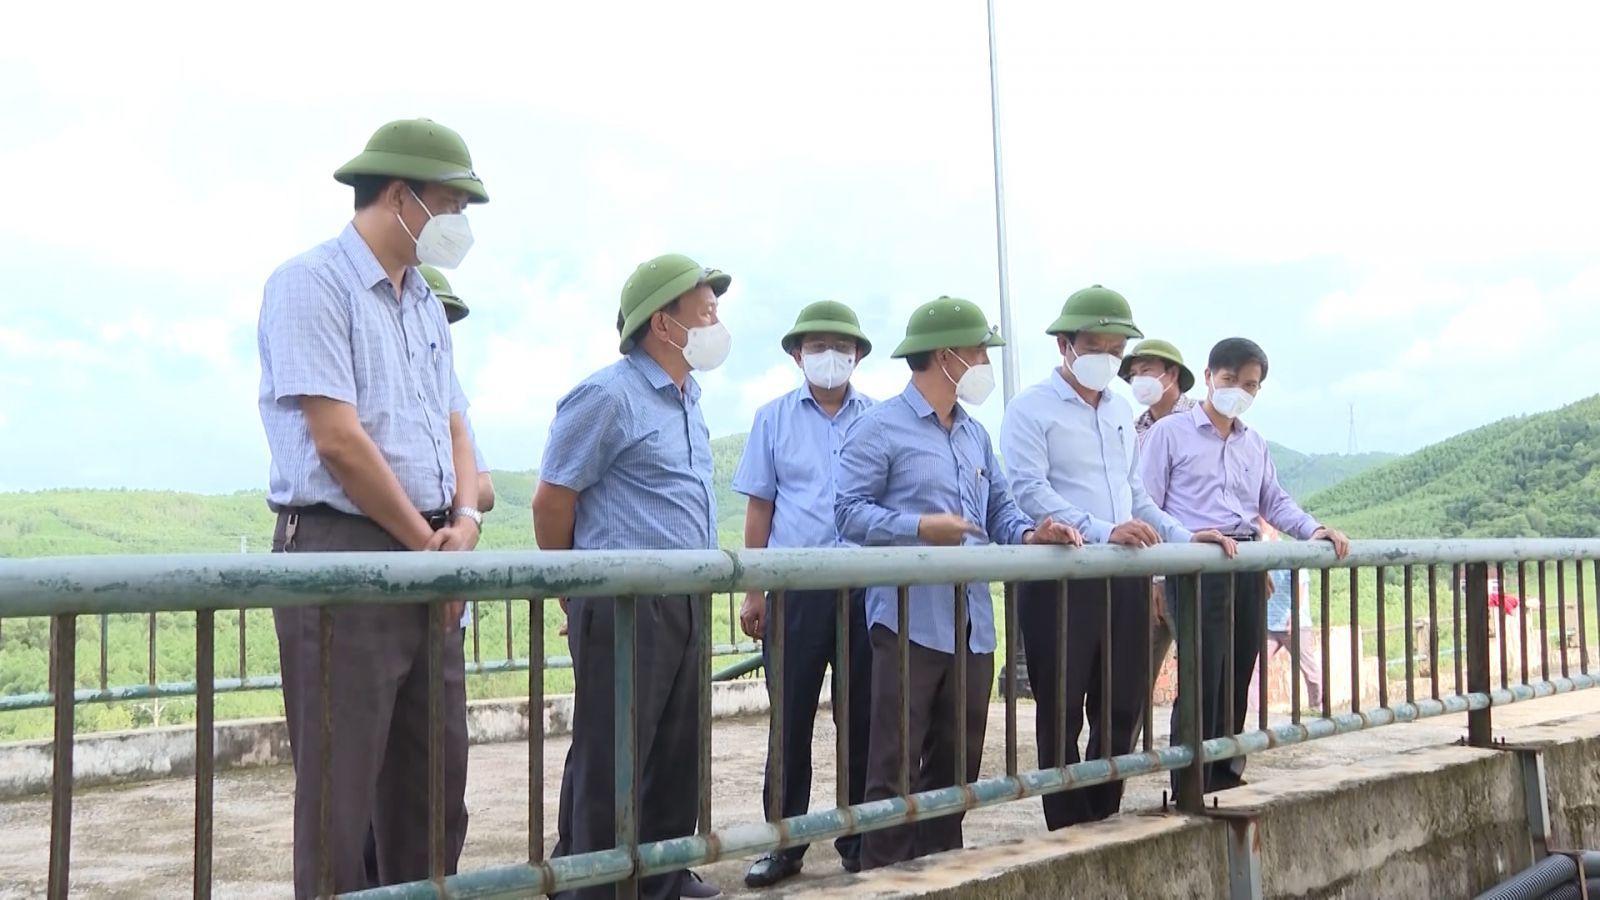 Đồng chí Phó Bí thư Thường trực Tỉnh ủy kiểm tra tình hình sản xuất tại huyện Quảng Ninh